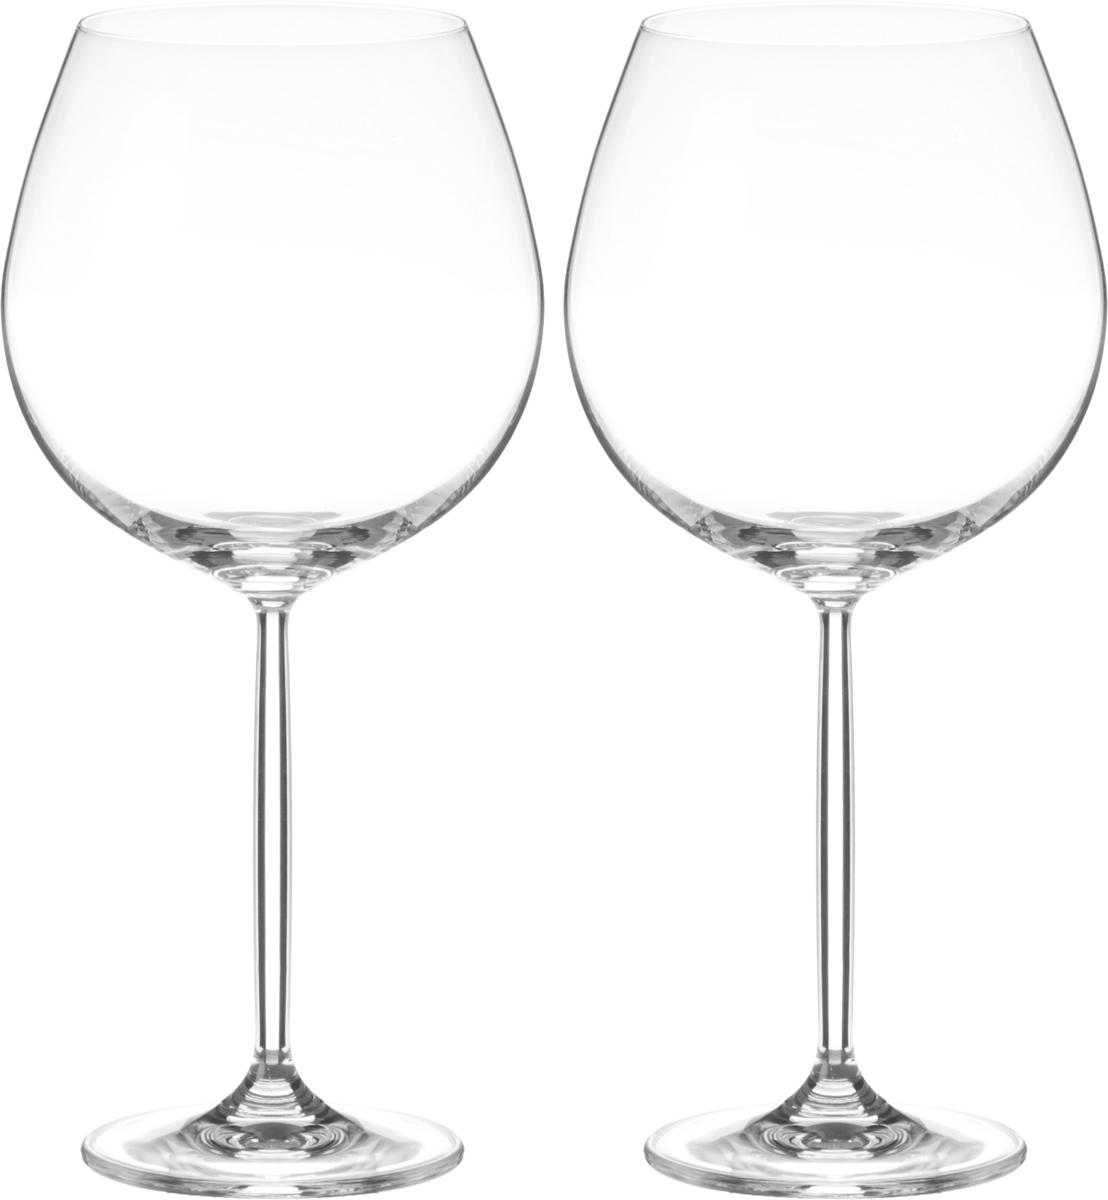 Набор бокалов для вина Wilmax, 850 мл, 2 штWL-888004 / 2CНабор Wilmax состоит из двух бокалов, выполненных из стекла. Изделия оснащены высокими ножками и предназначены для подачи вина. Они сочетают в себе элегантный дизайн и функциональность. Набор бокалов Wilmax прекрасно оформит праздничный стол и создаст приятную атмосферу за романтическим ужином. Такой набор также станет хорошим подарком к любому случаю. Бокалы можно мыть в посудомоечной машине. Диаметр бокала по верхнему краю: 8 см. Диаметр основания: 8,3 см. Высота бокала: 25 см.